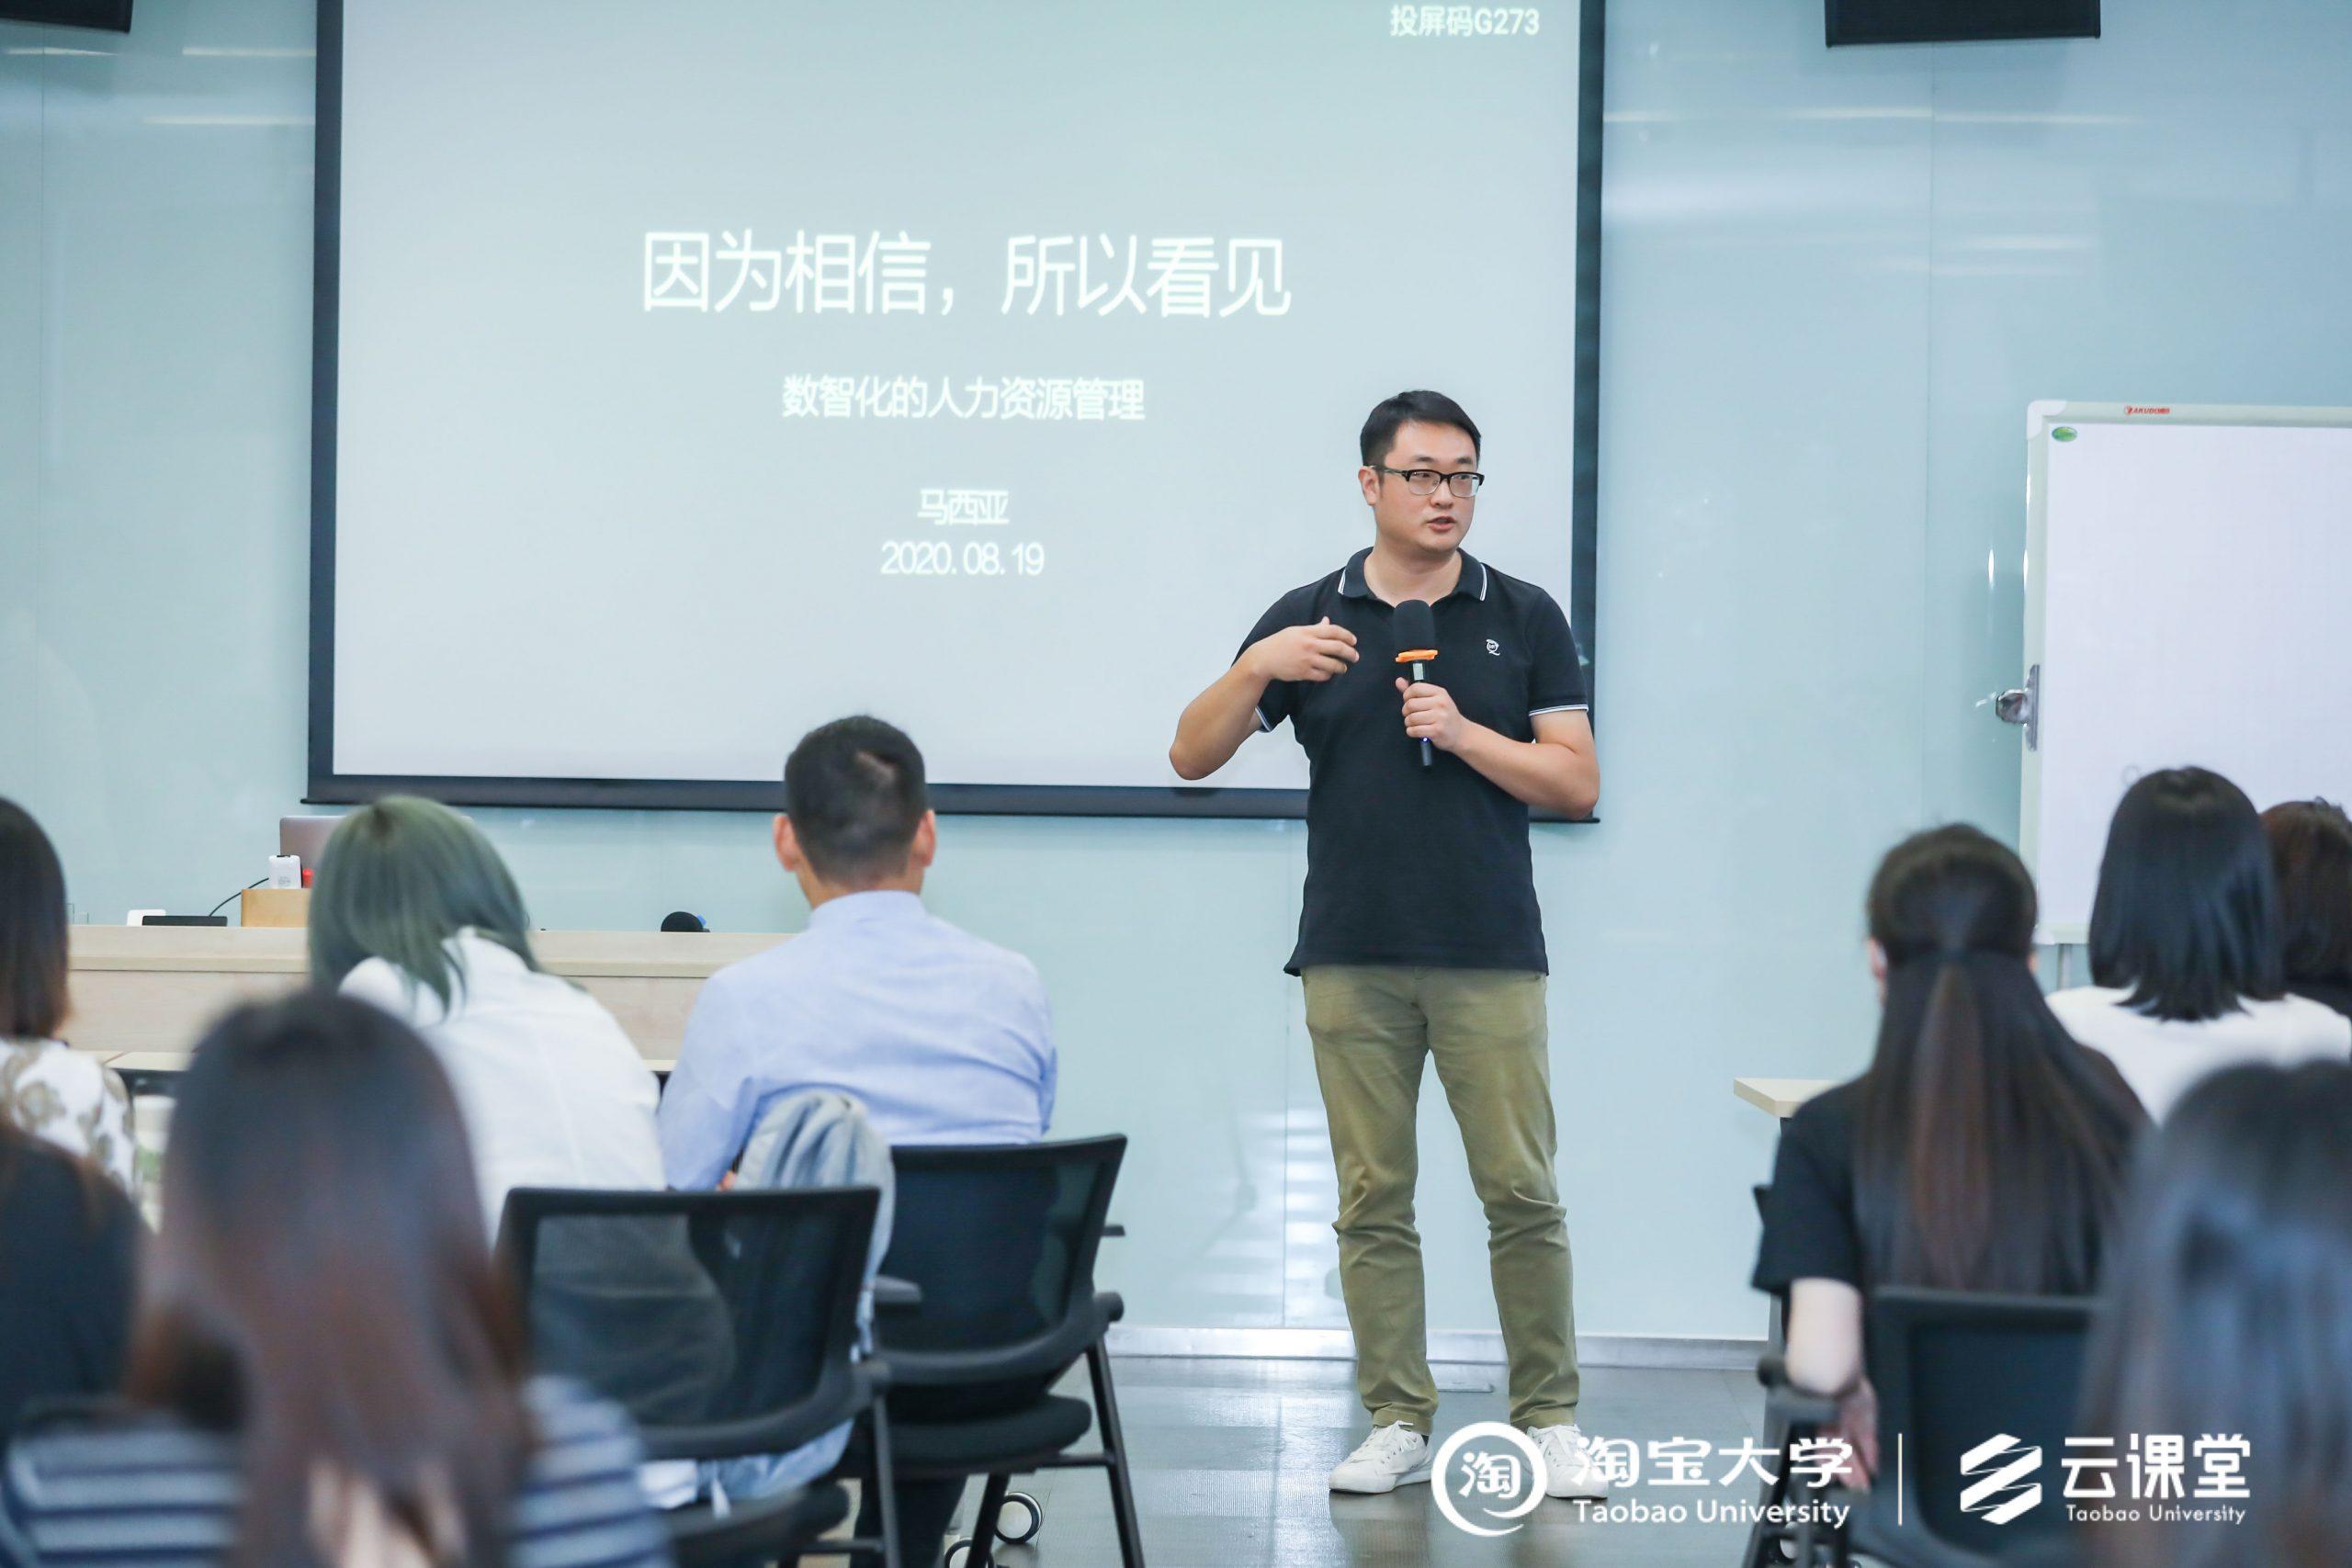 人力家CEO马西亚:从人力资源数字化做起,推动中国企业拥抱蝶变